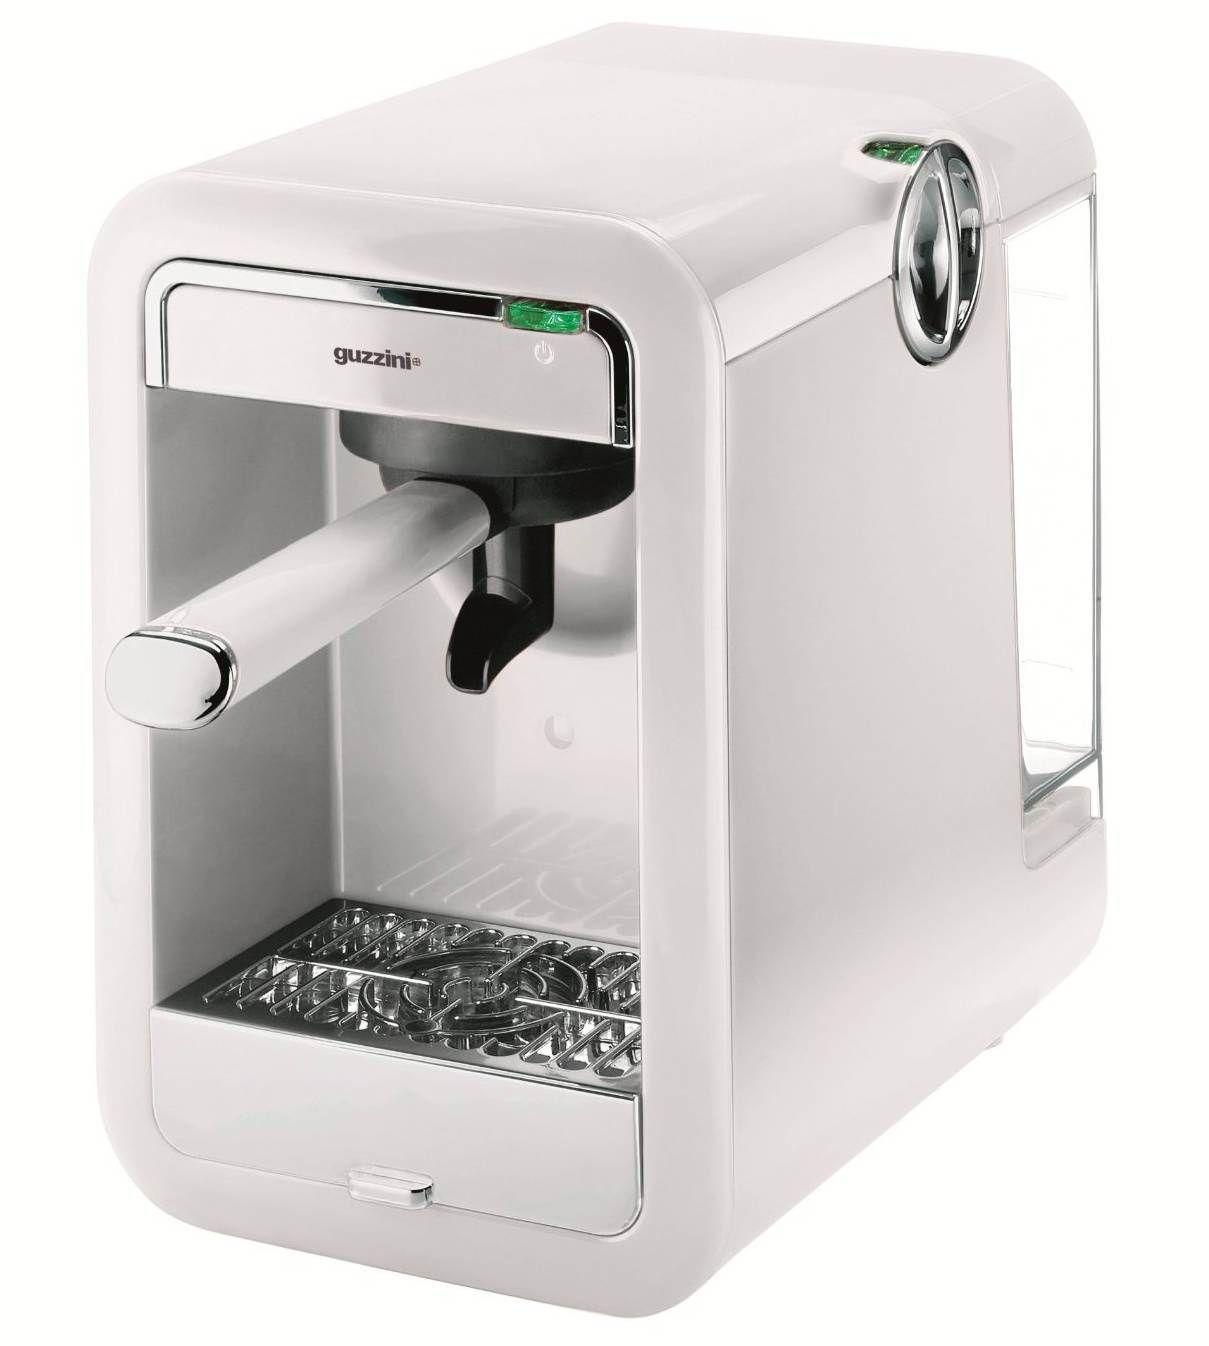 Miniature Dishwasher Cafetera Espresso Guzzini Single G Plus Cafeteras Espresso